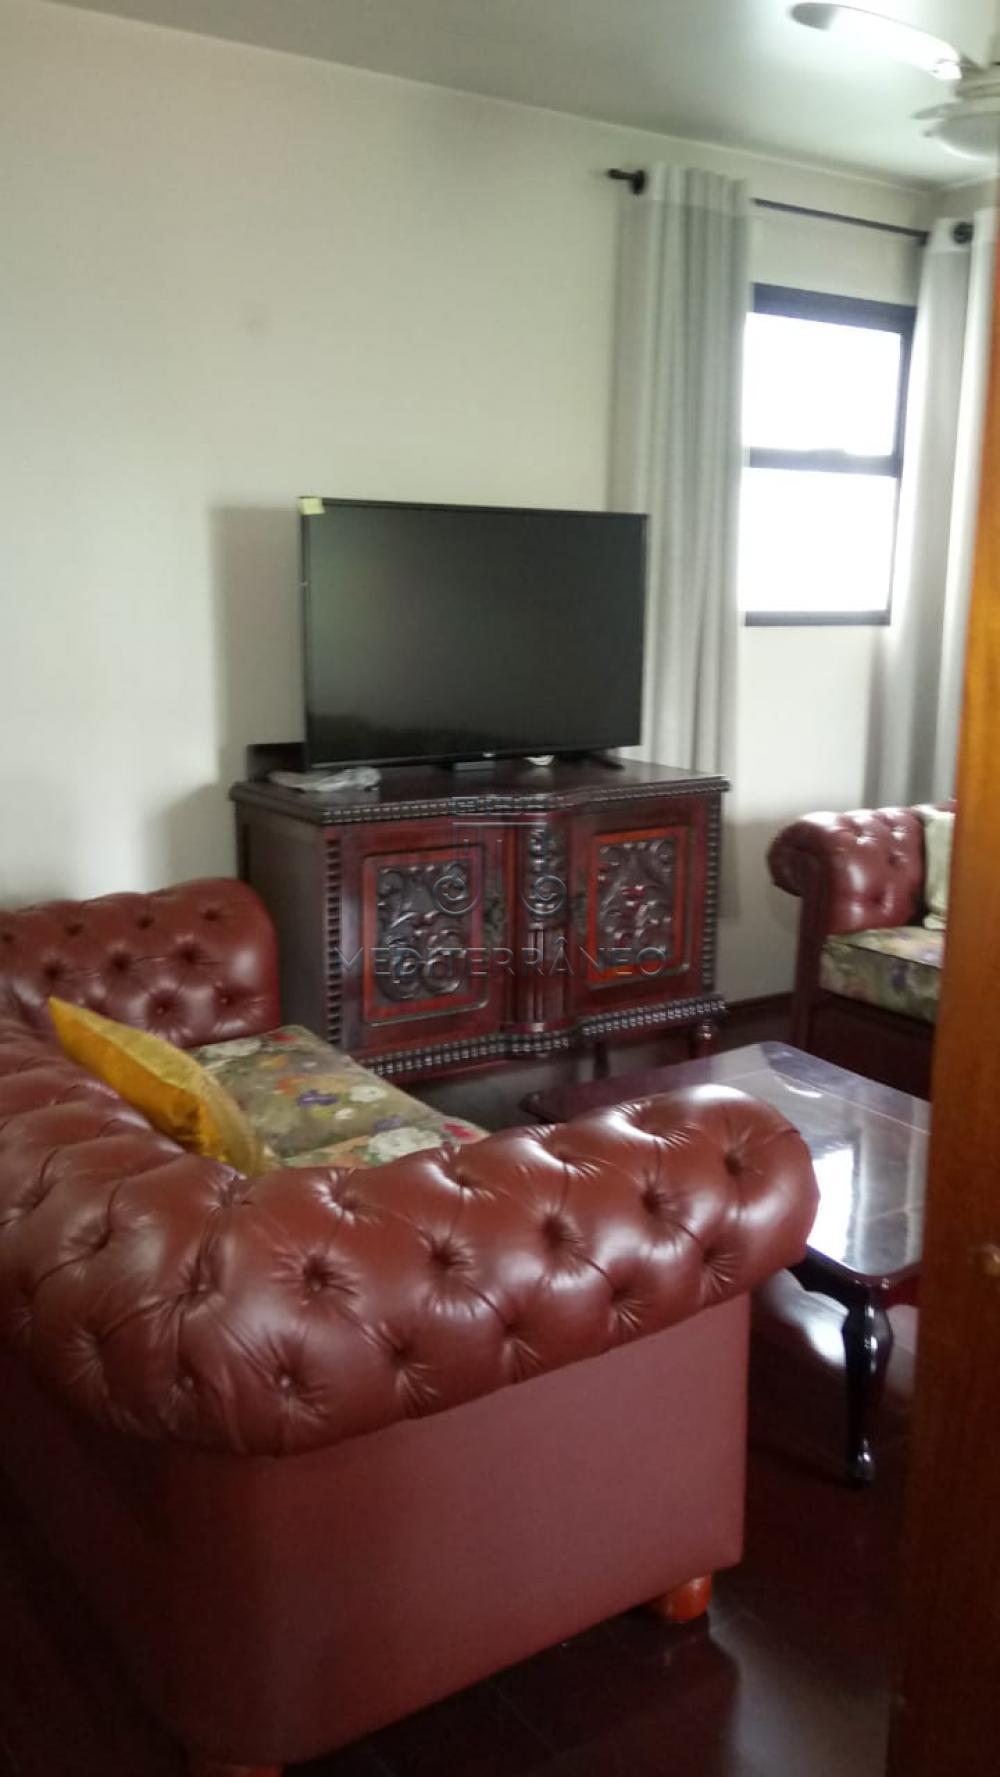 Comprar Apartamento / Padrão em Jundiaí apenas R$ 375.000,00 - Foto 2